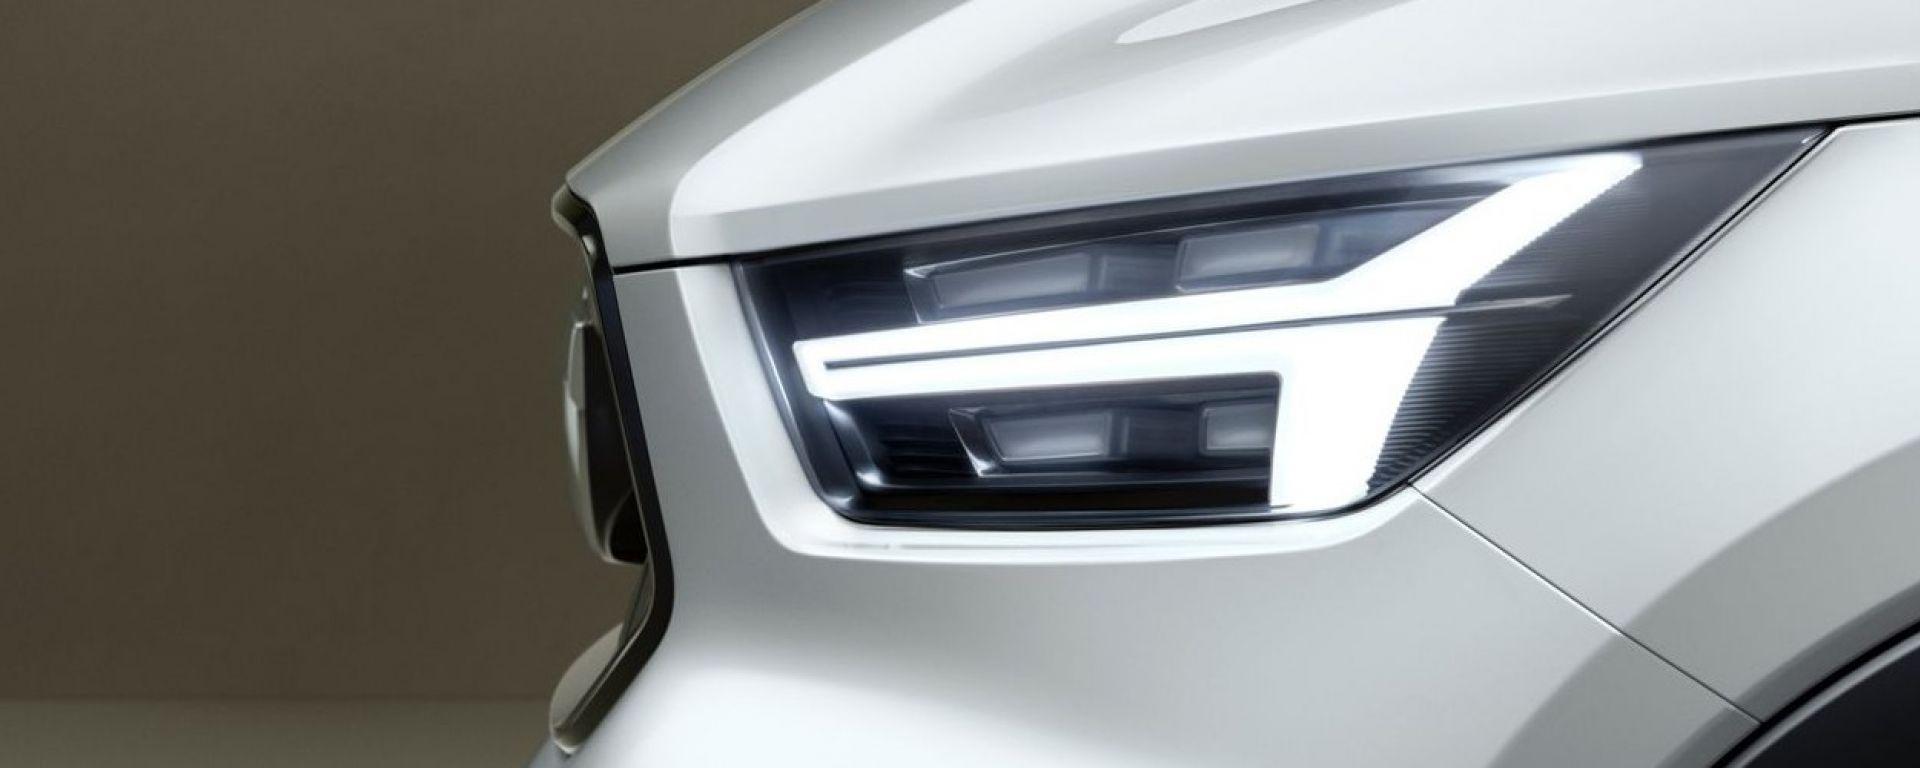 Volvo V40 concept faro